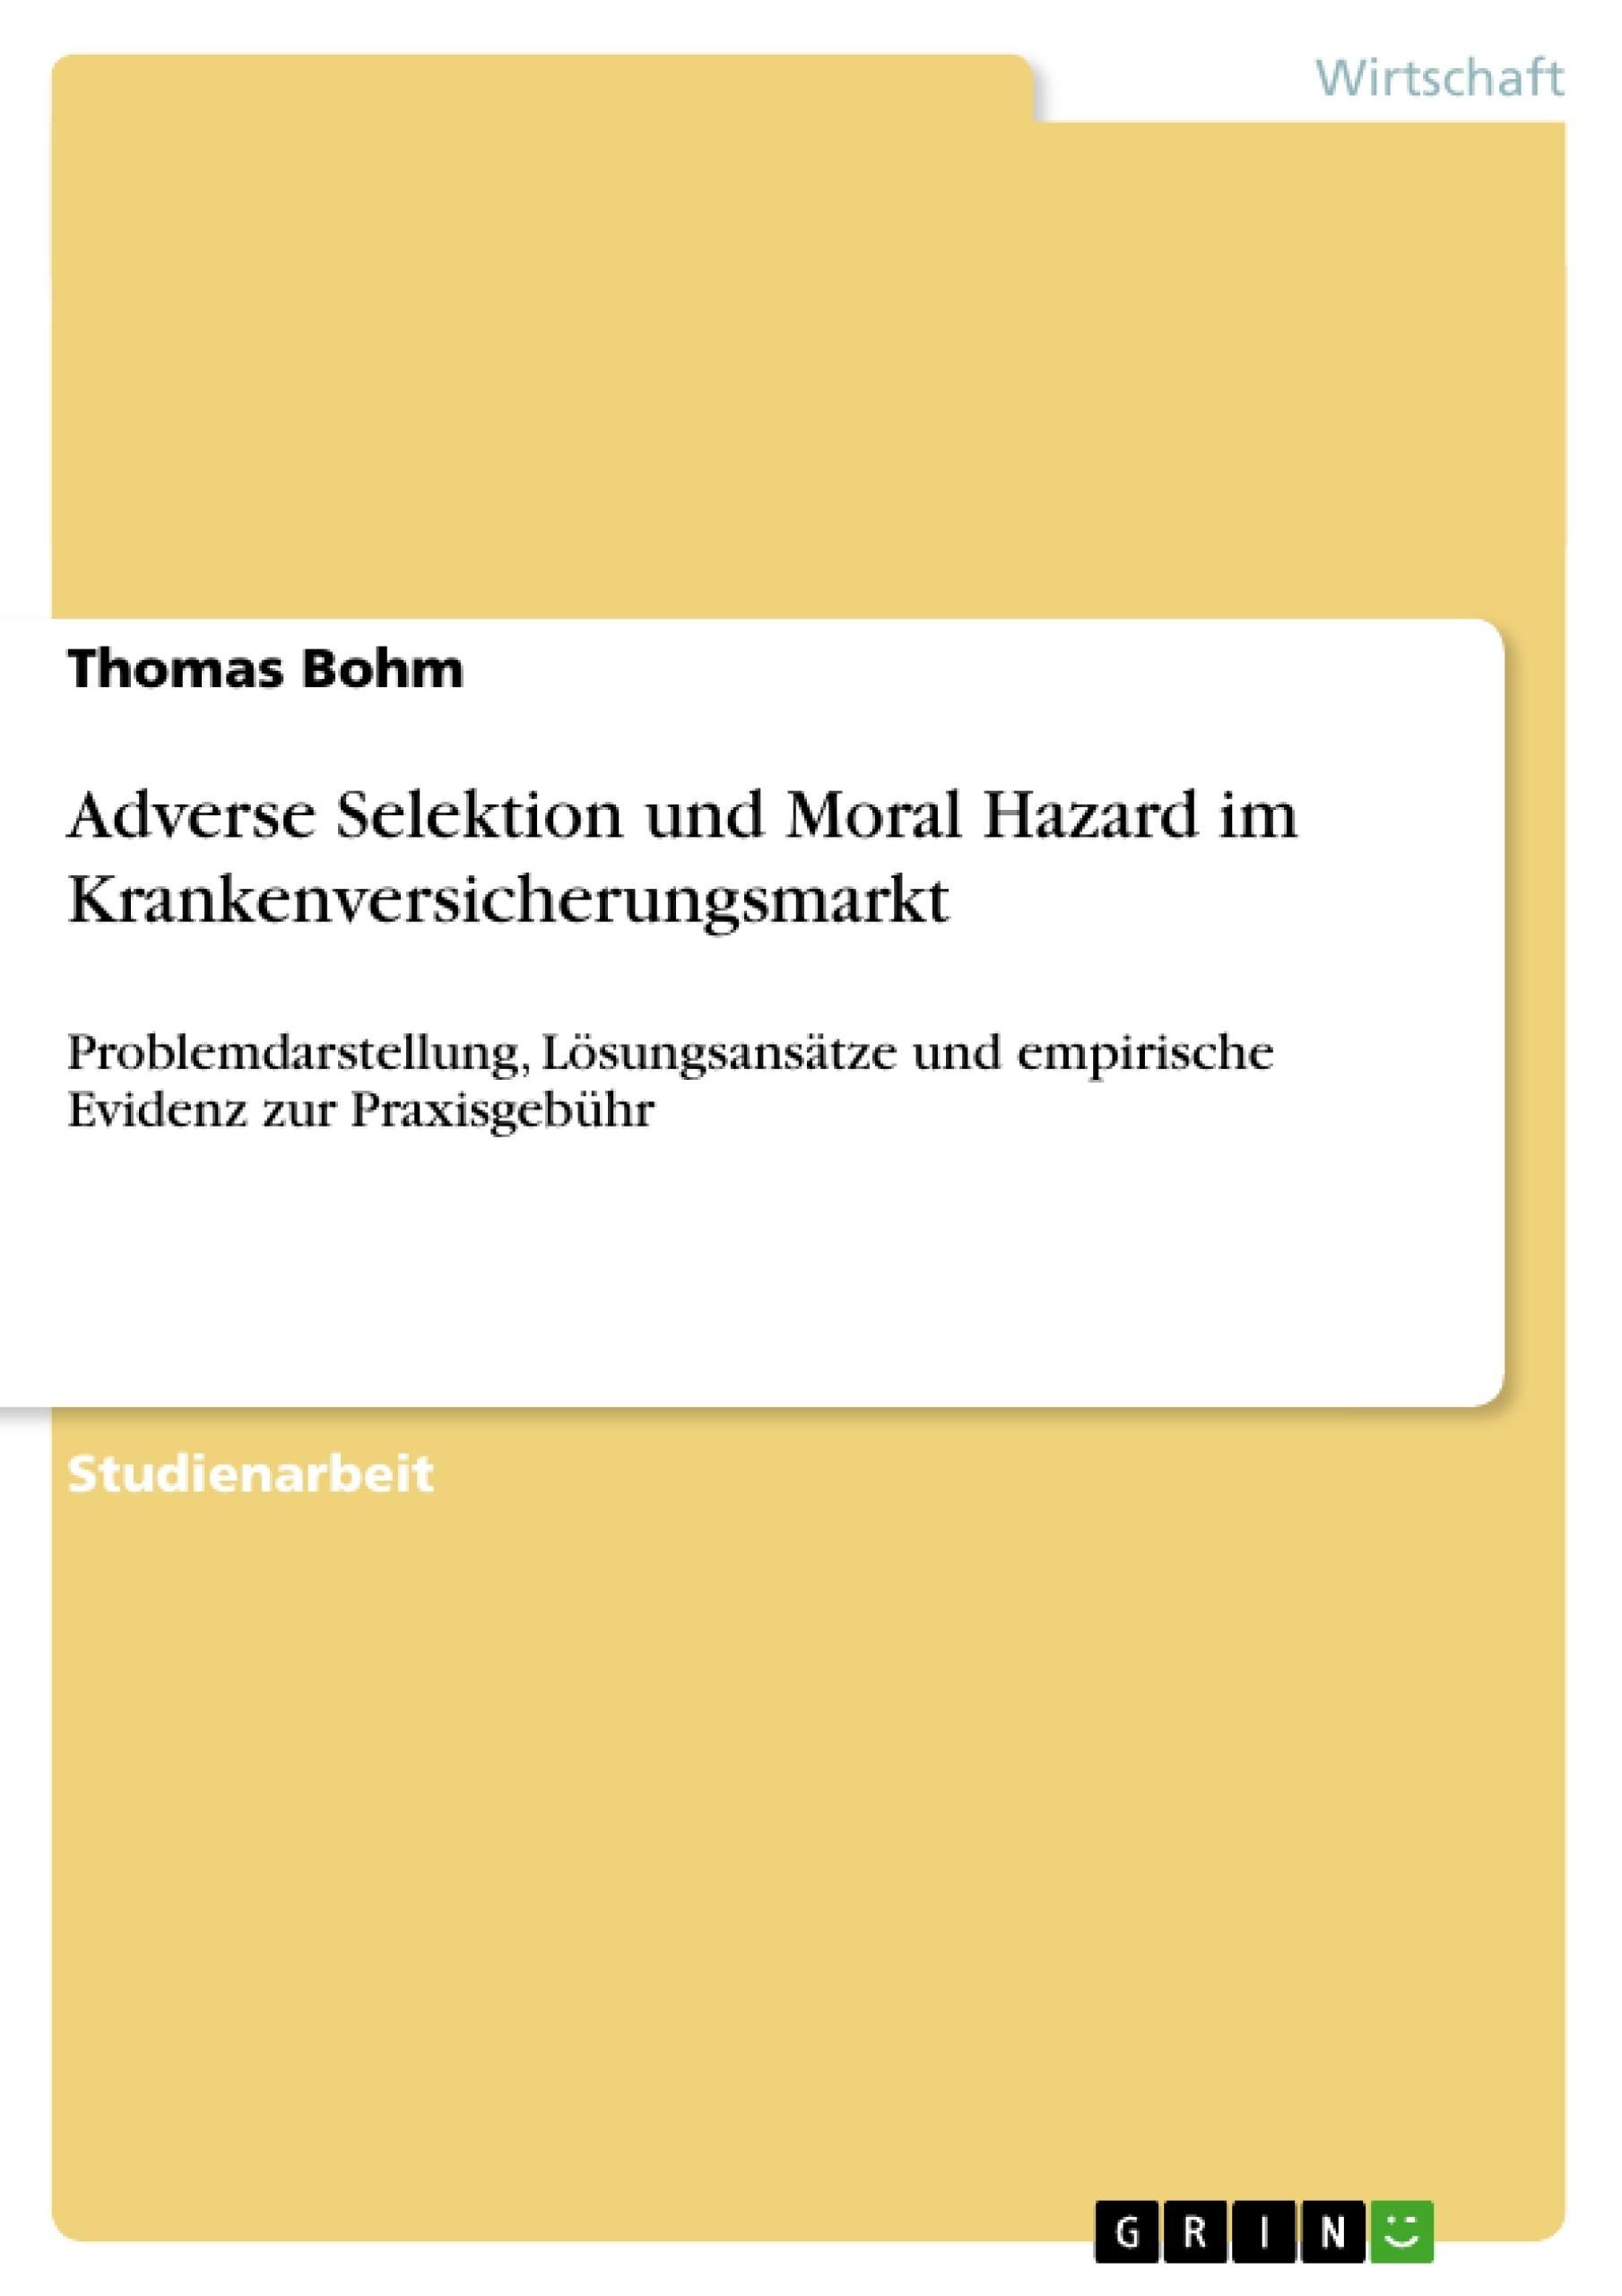 Titel: Adverse Selektion und Moral Hazard im Krankenversicherungsmarkt